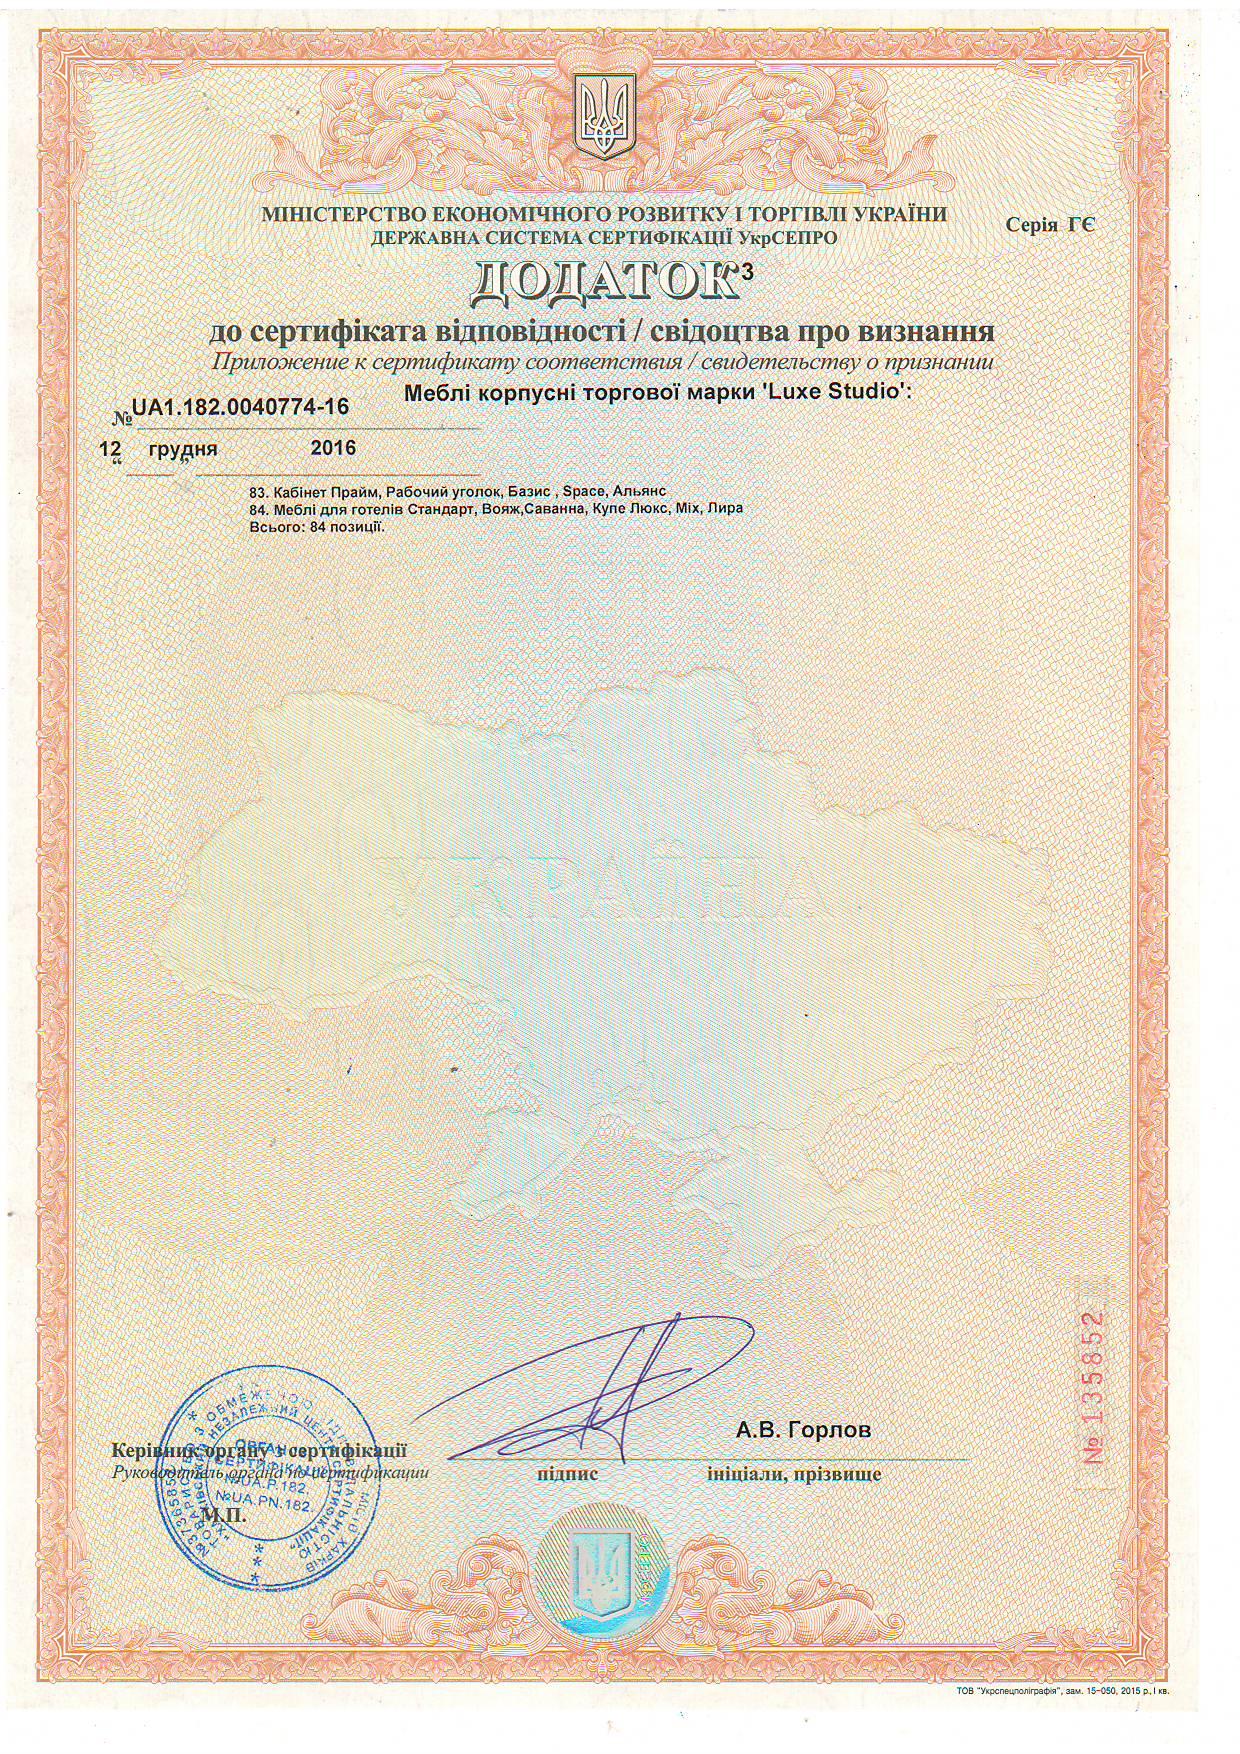 Дополнение 3 к Сертификату соответствия на корпусную мебель Luxe Studio.